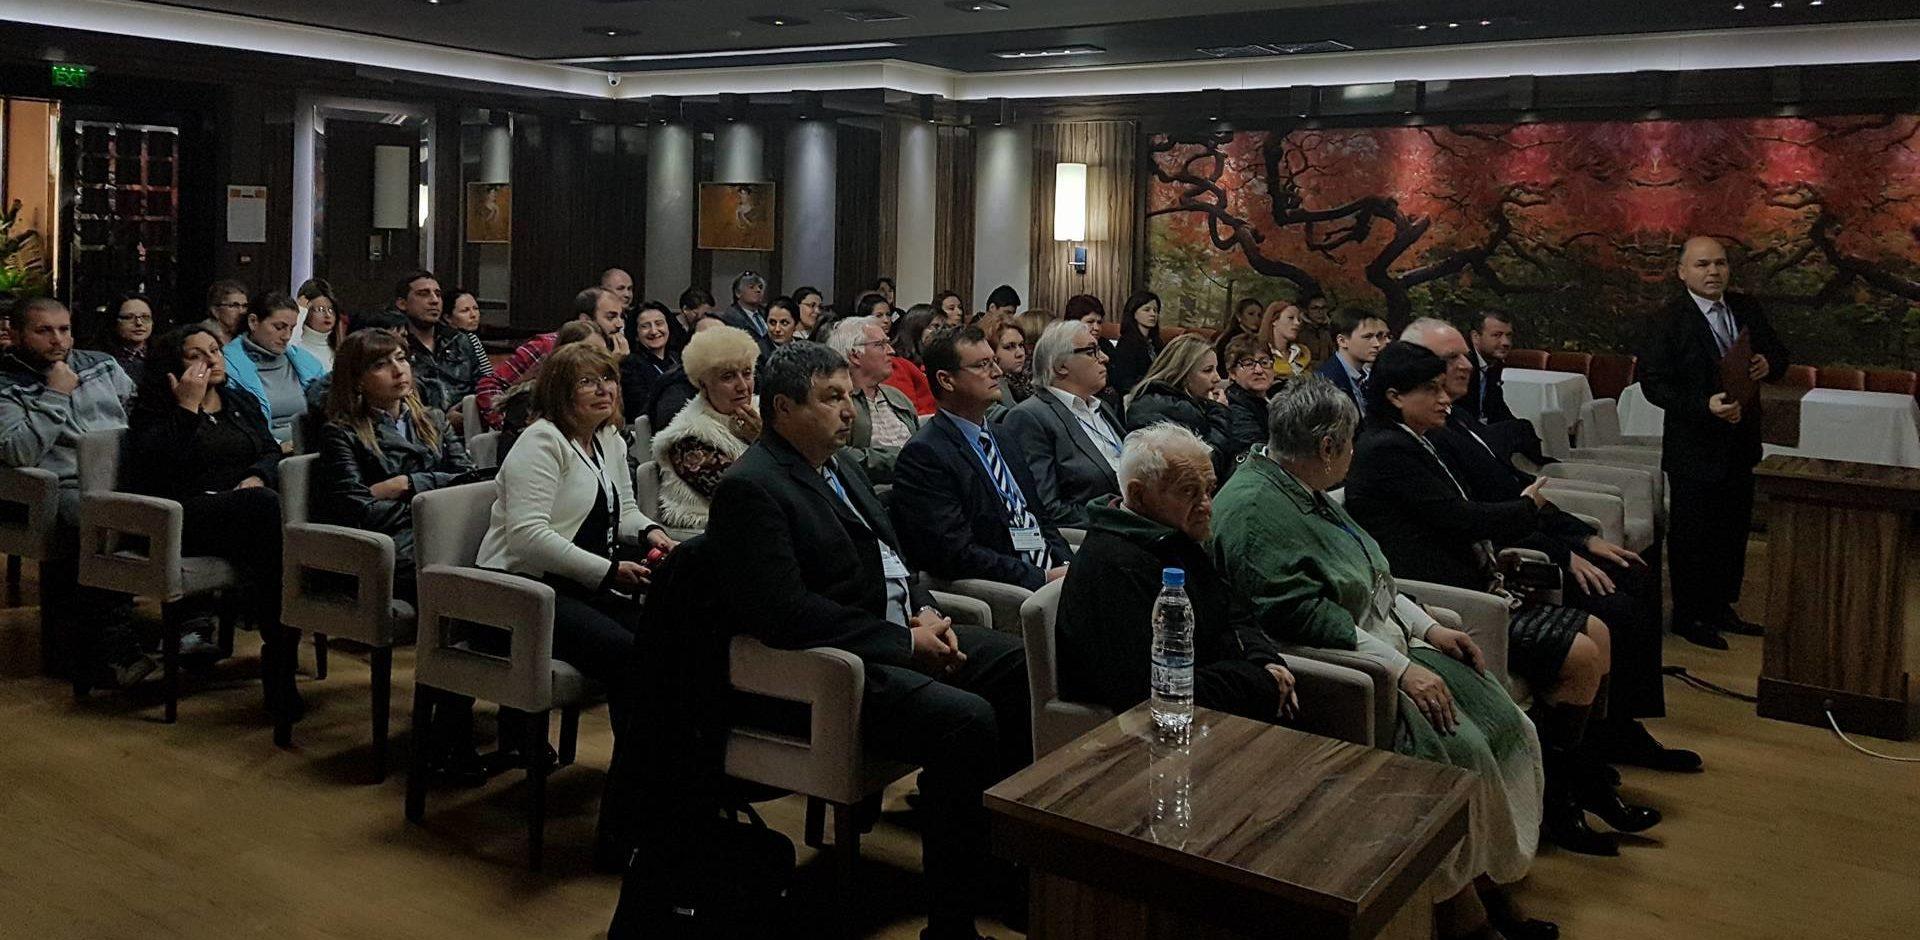 Кметът д-р Валентин Василев откри научната конференци� ...